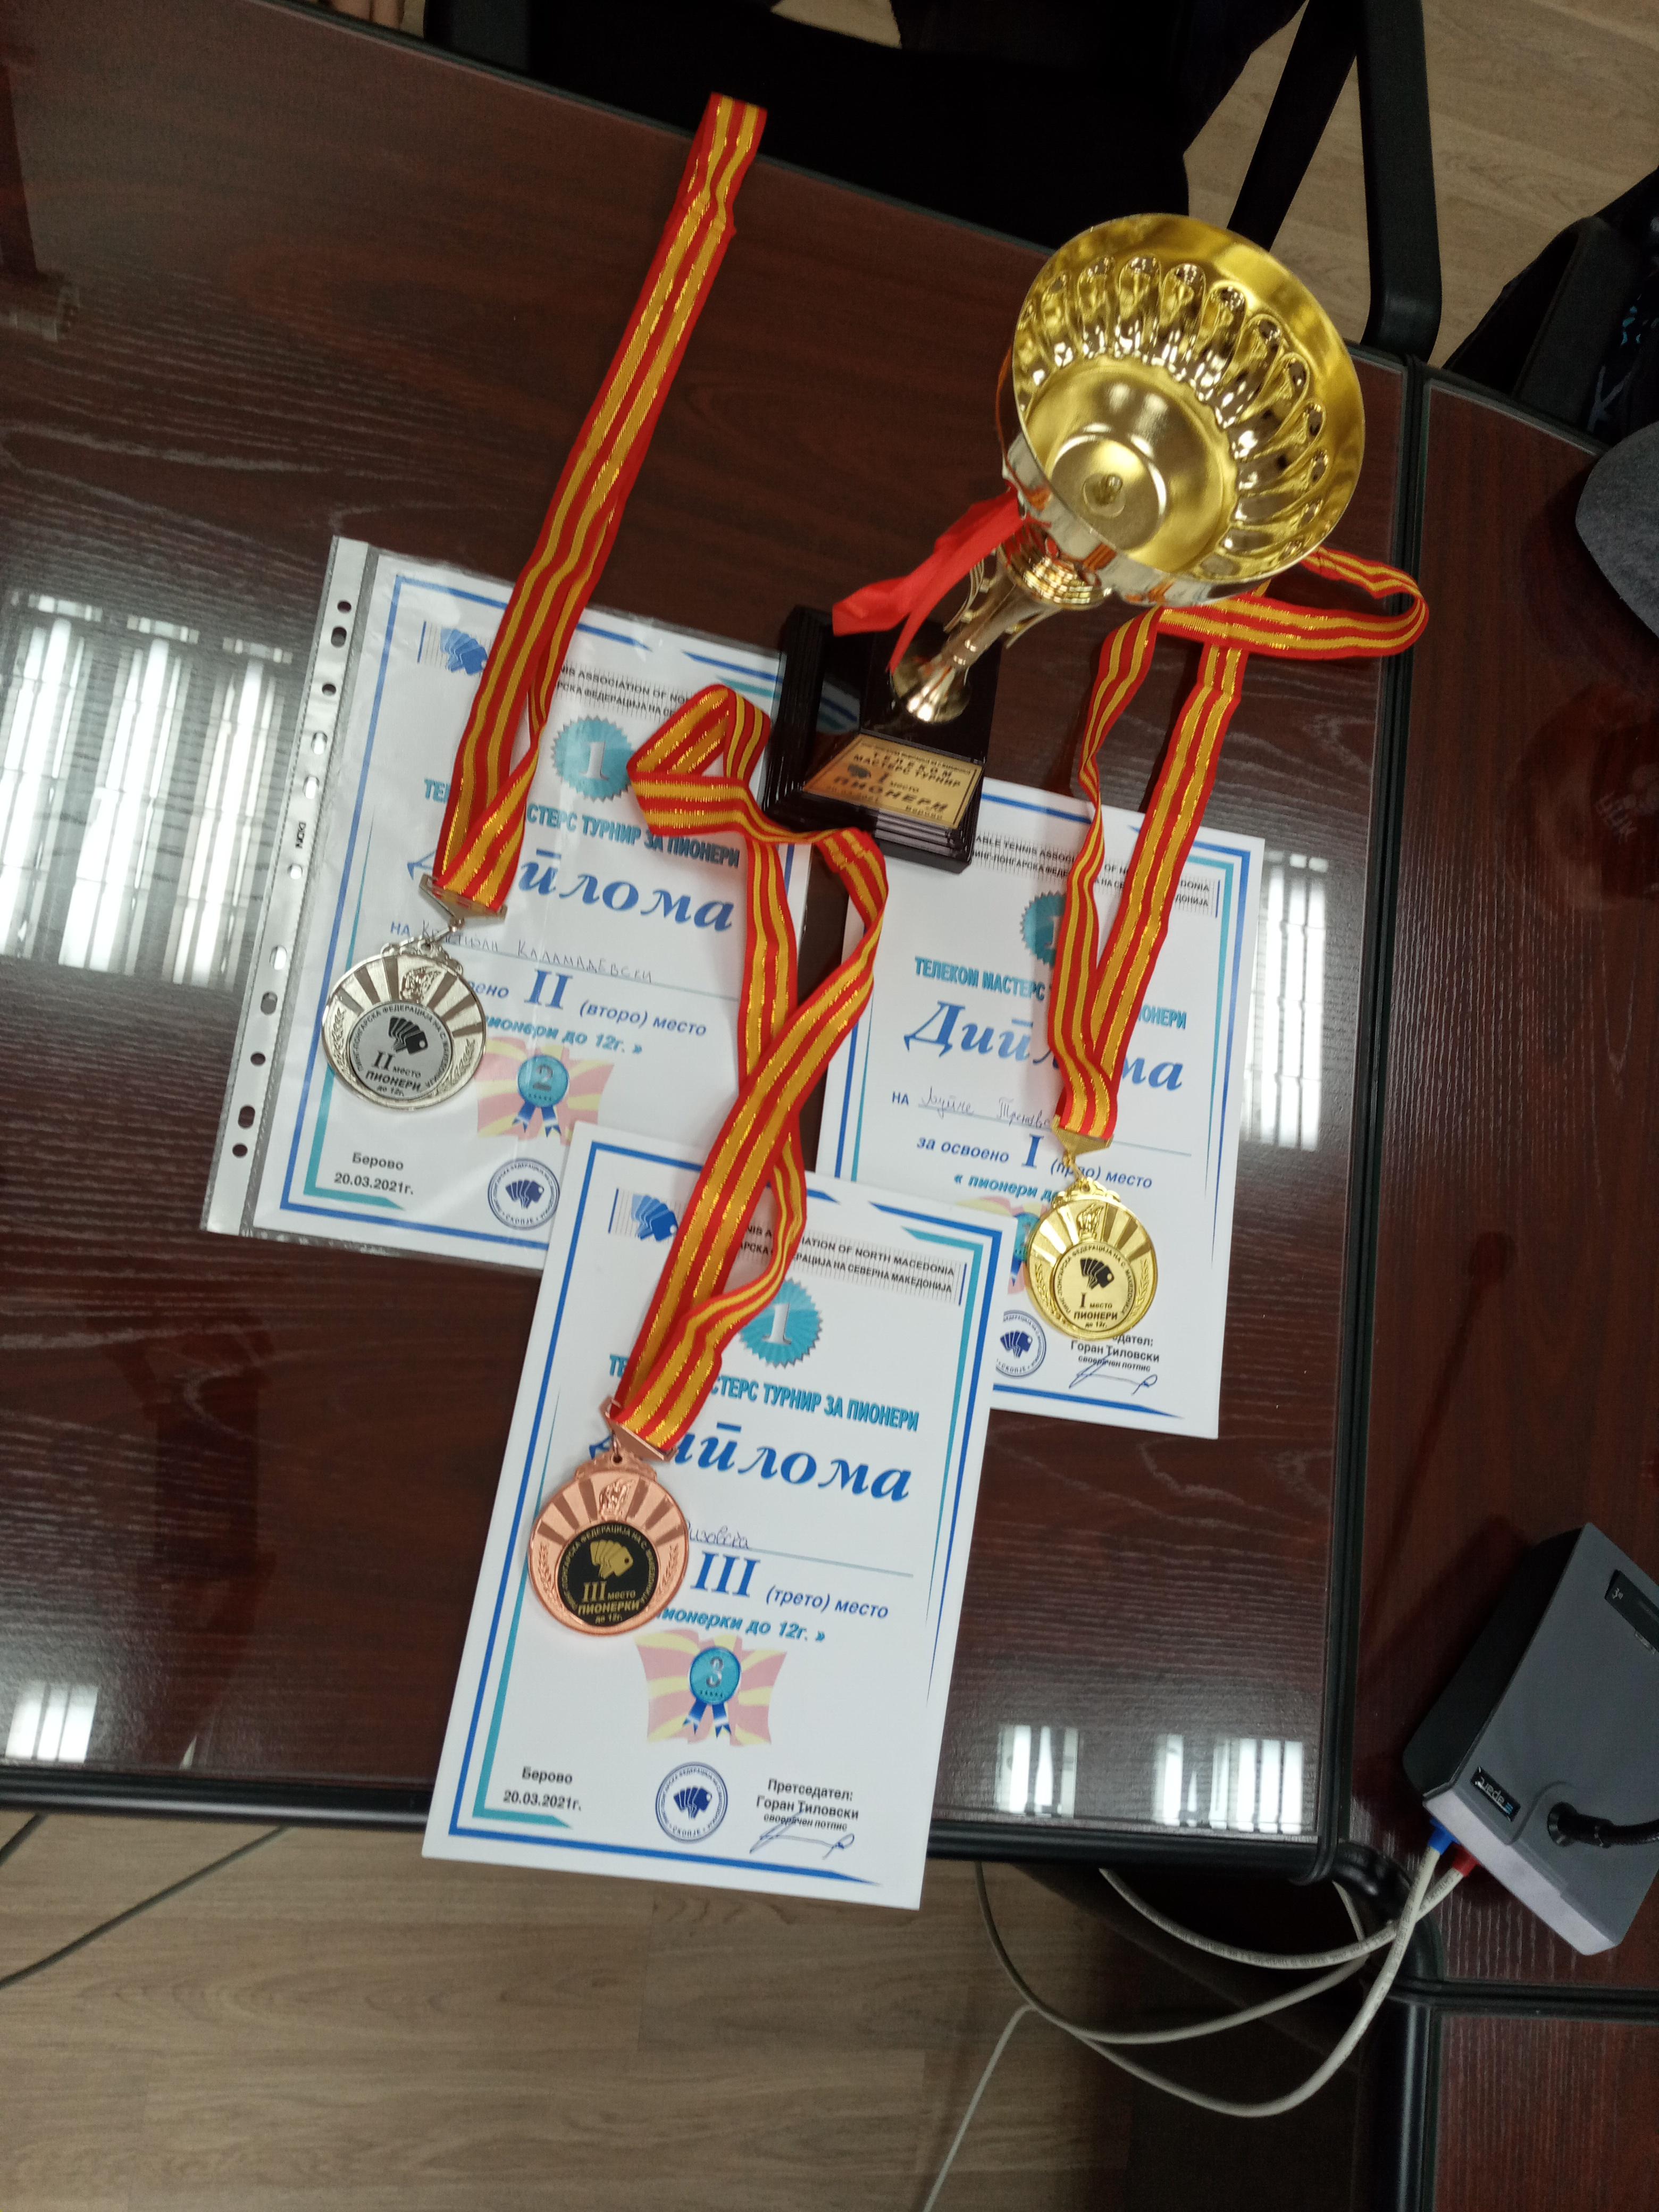 Градоначалникот Пекевски оствари средба со младинците кои постигнаа врвни резултати на пингпонгарскиот мастерс турнир